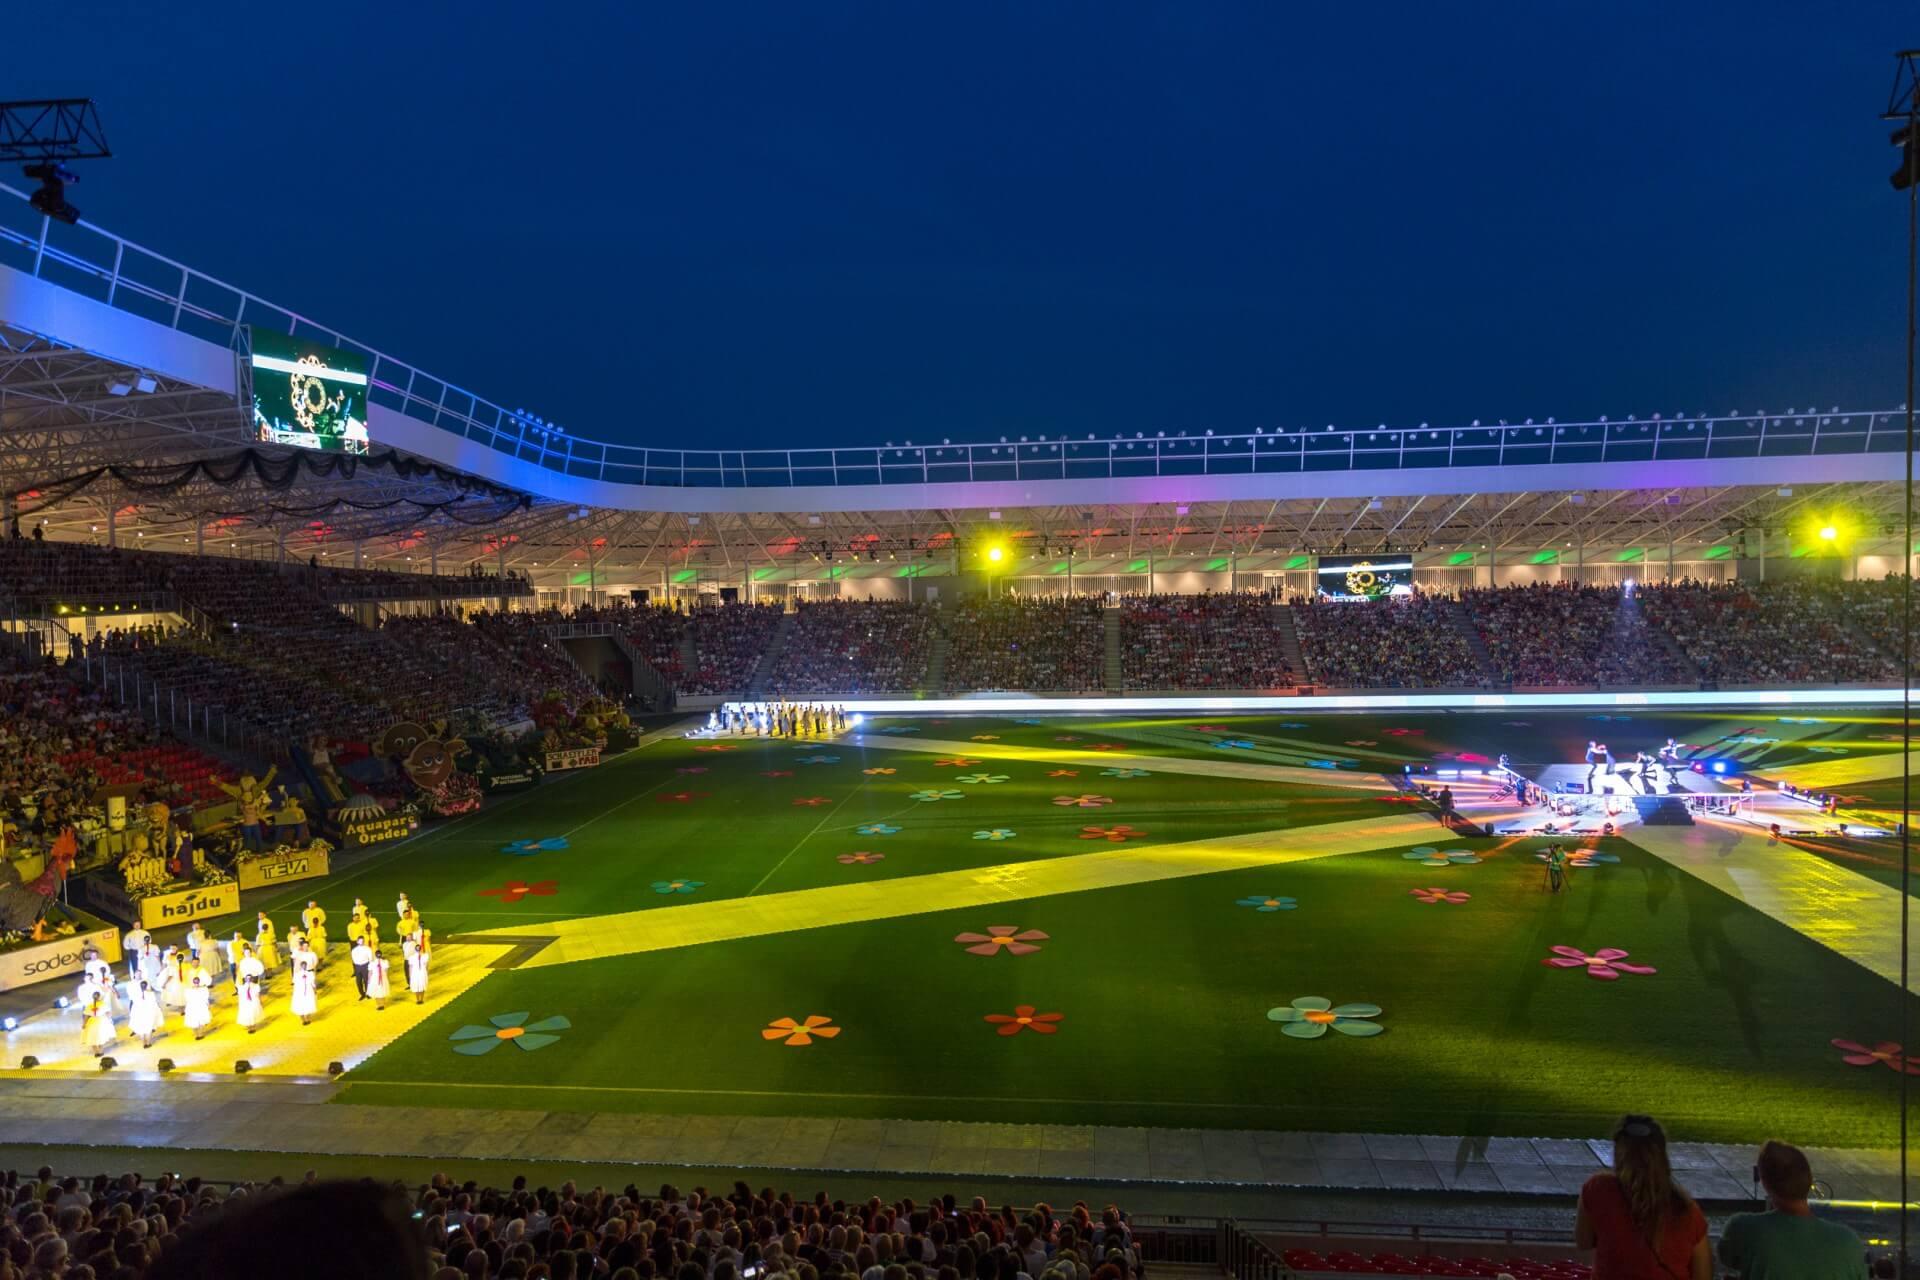 Blumenkarneval Debrecen, Stadionstimmung